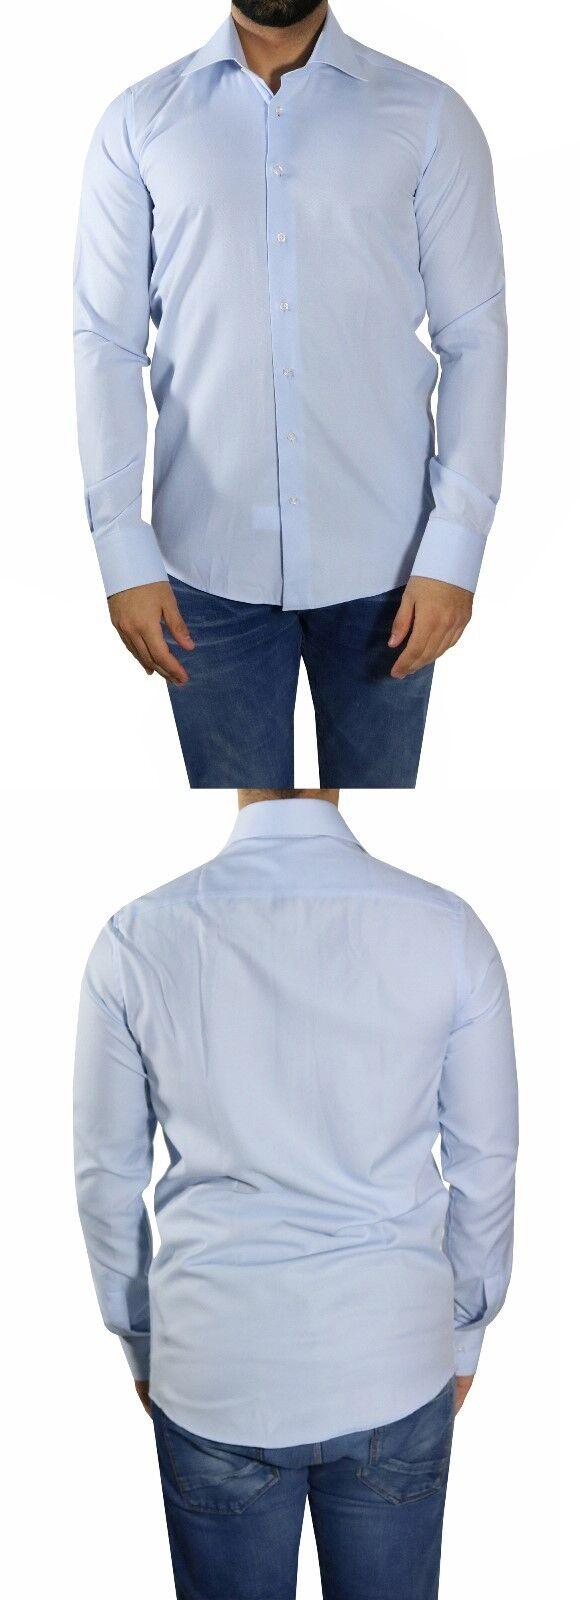 Slim-fit Hemd extra lange Ärmel Gr.4XL blue